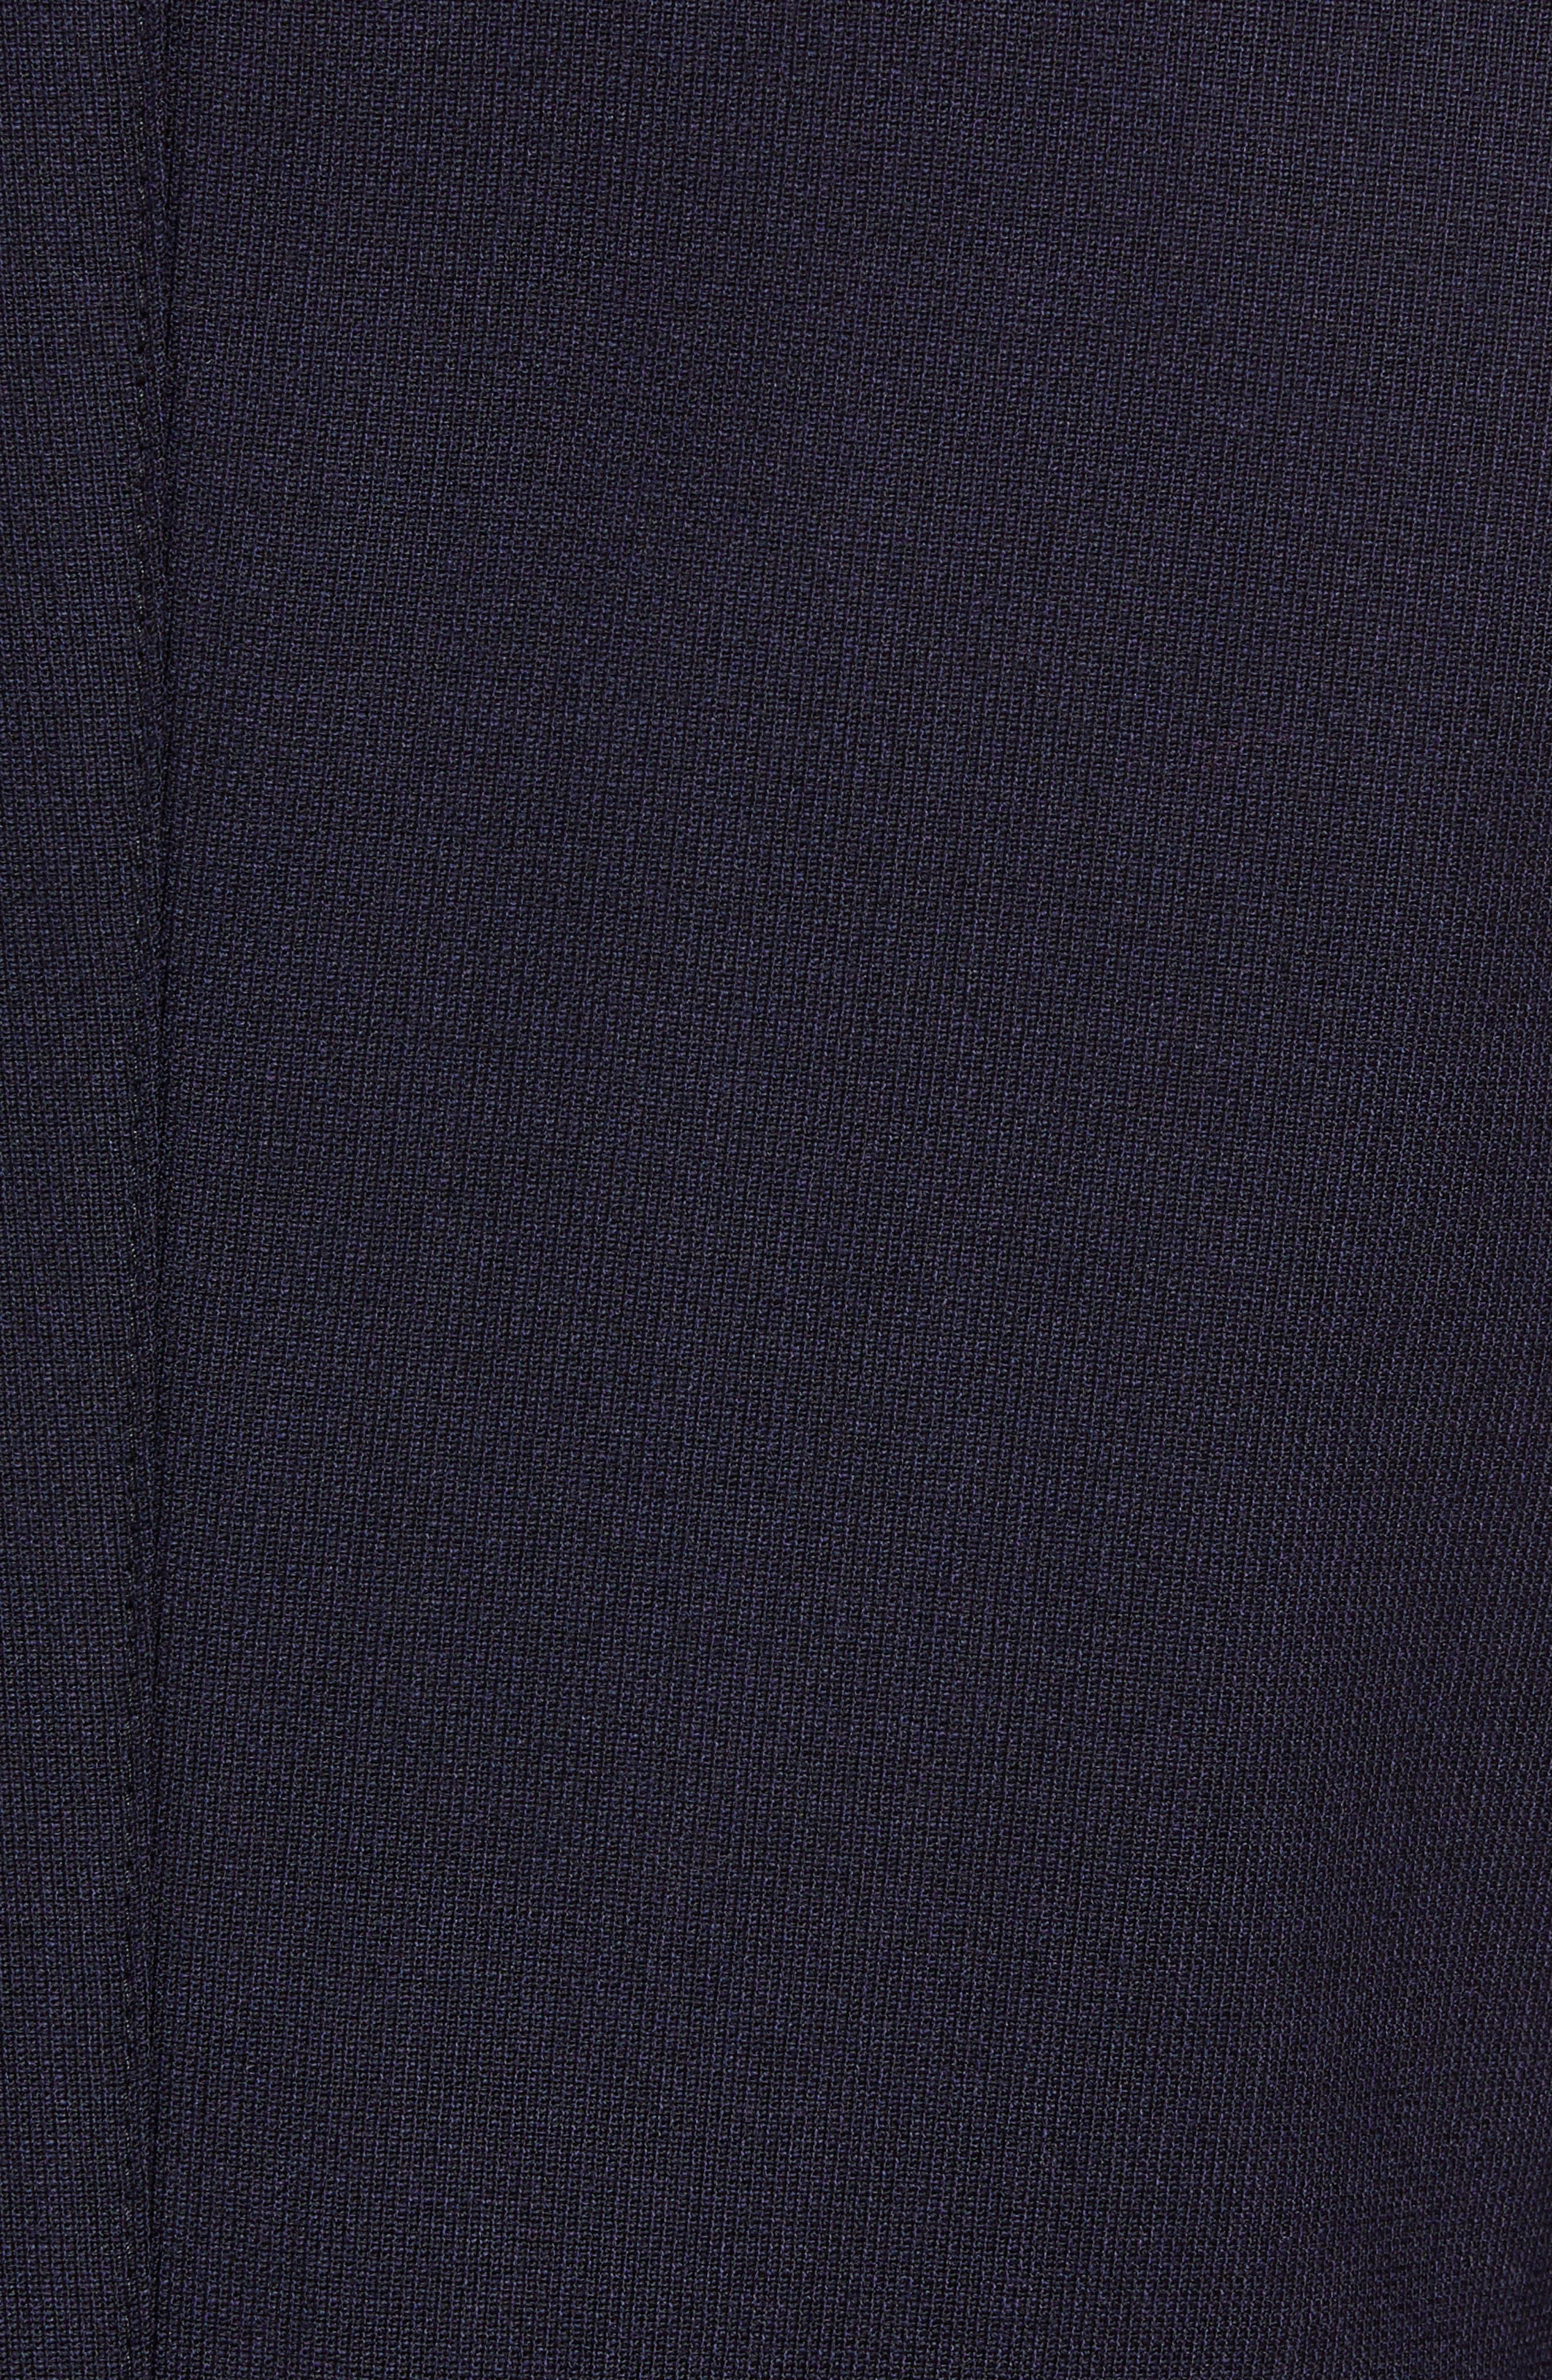 Noswen Slim Fit Sport Coat,                             Alternate thumbnail 6, color,                             BLUE